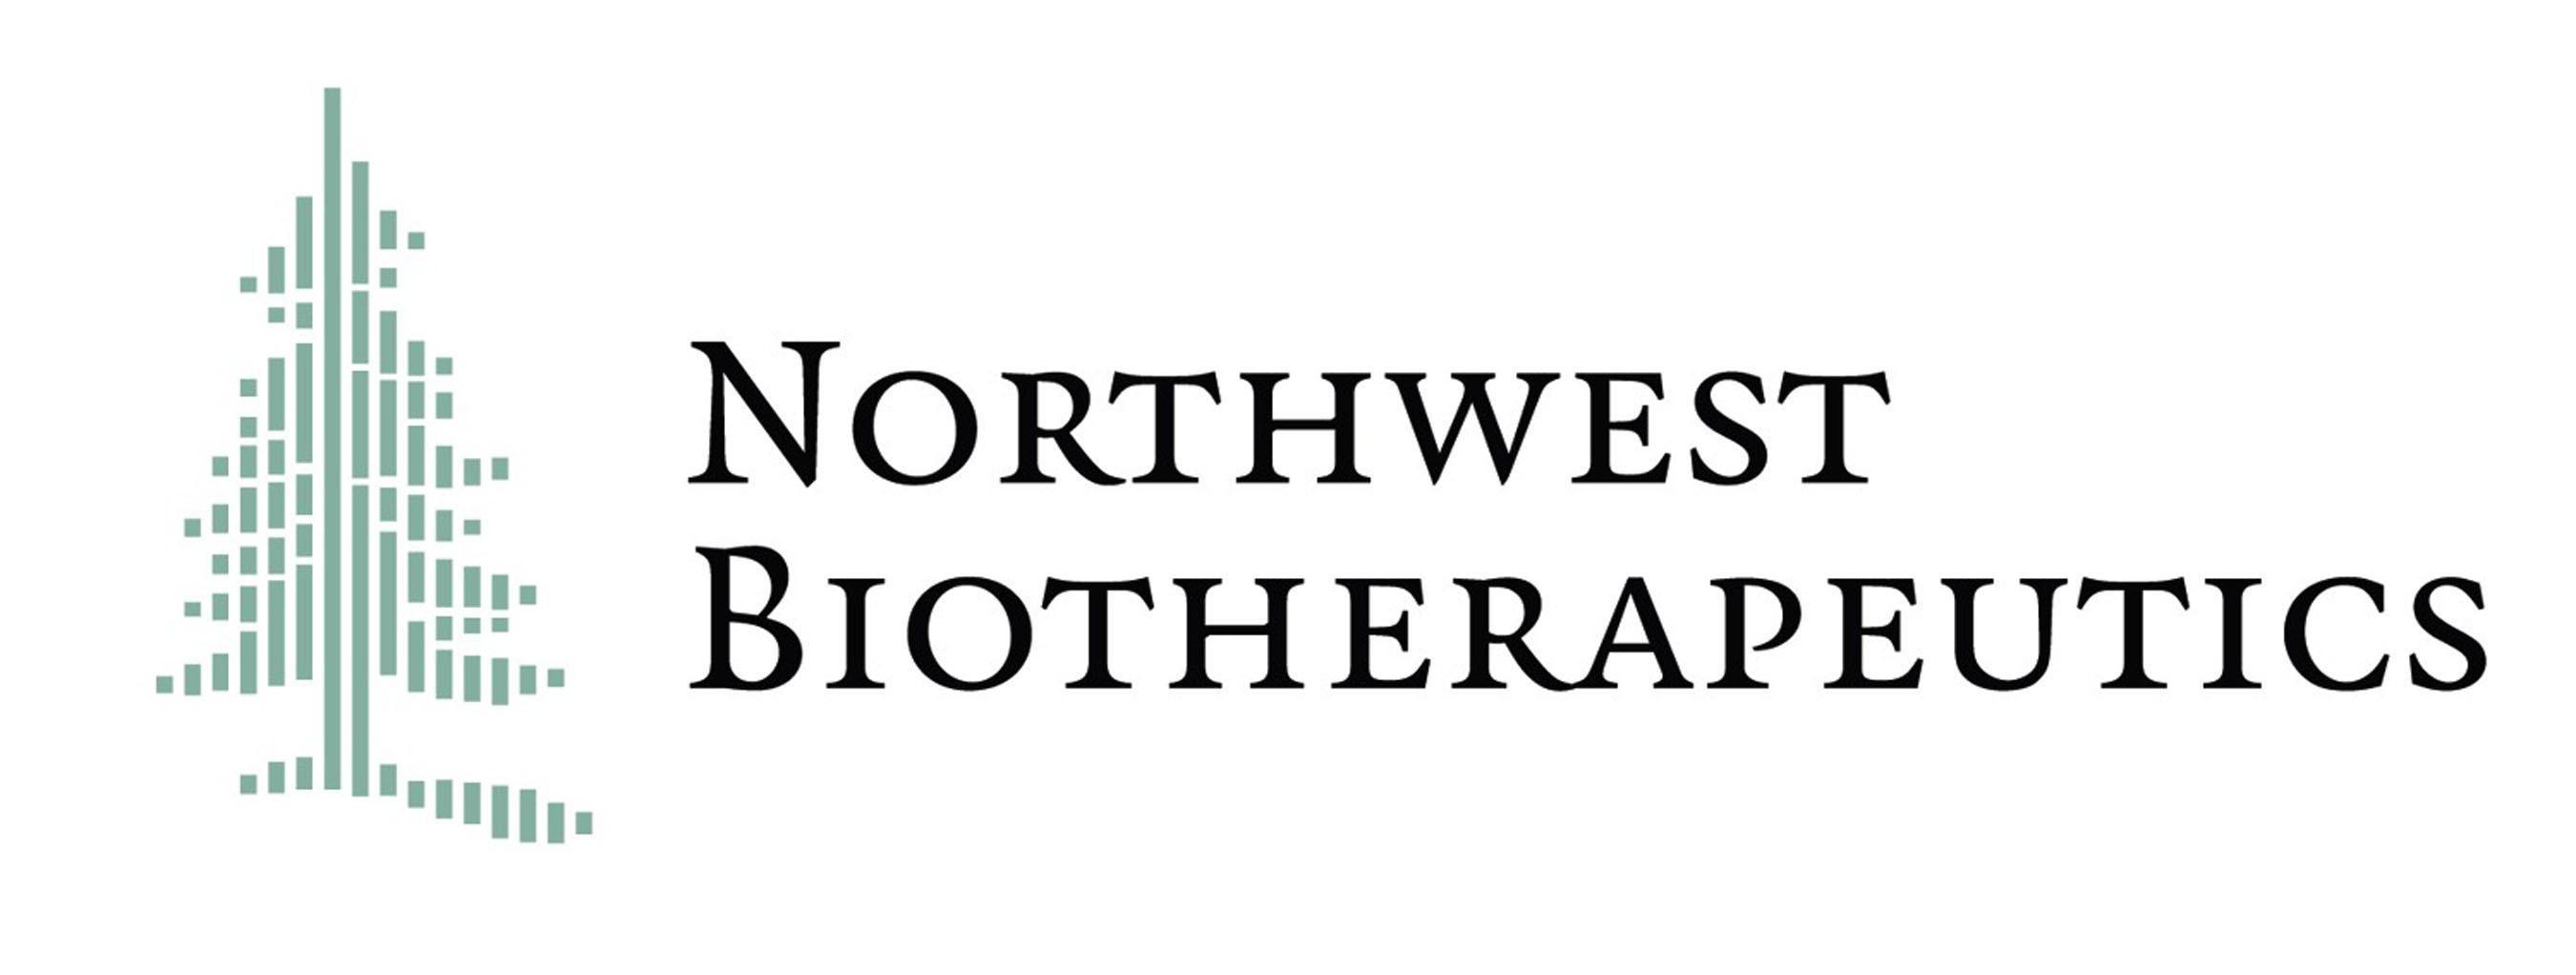 Northwest Biotherapeutics Logo.